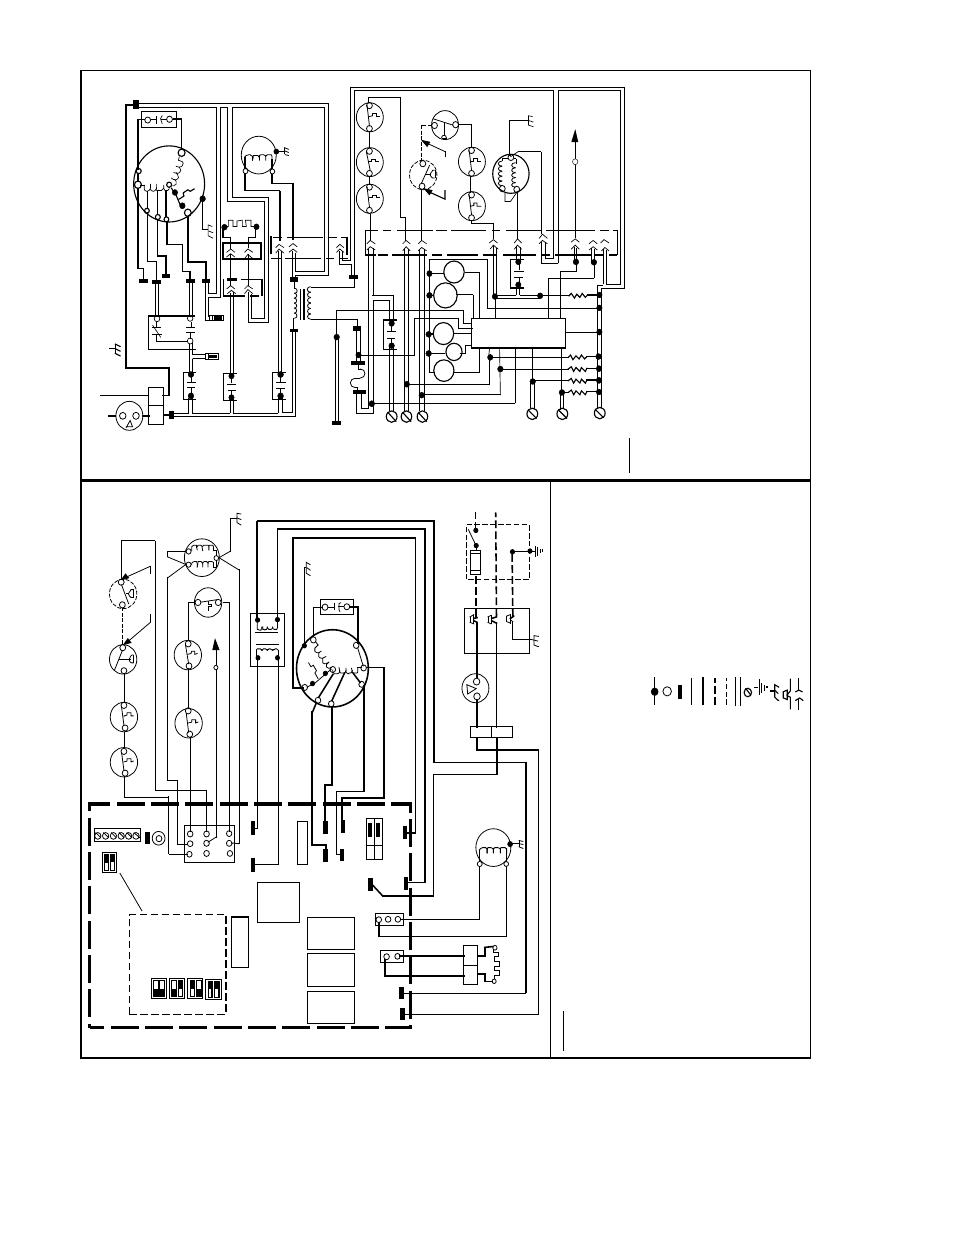 medium resolution of fig 12 u2014unit wiring diagram hs ir id r b lw r carrier series 13112